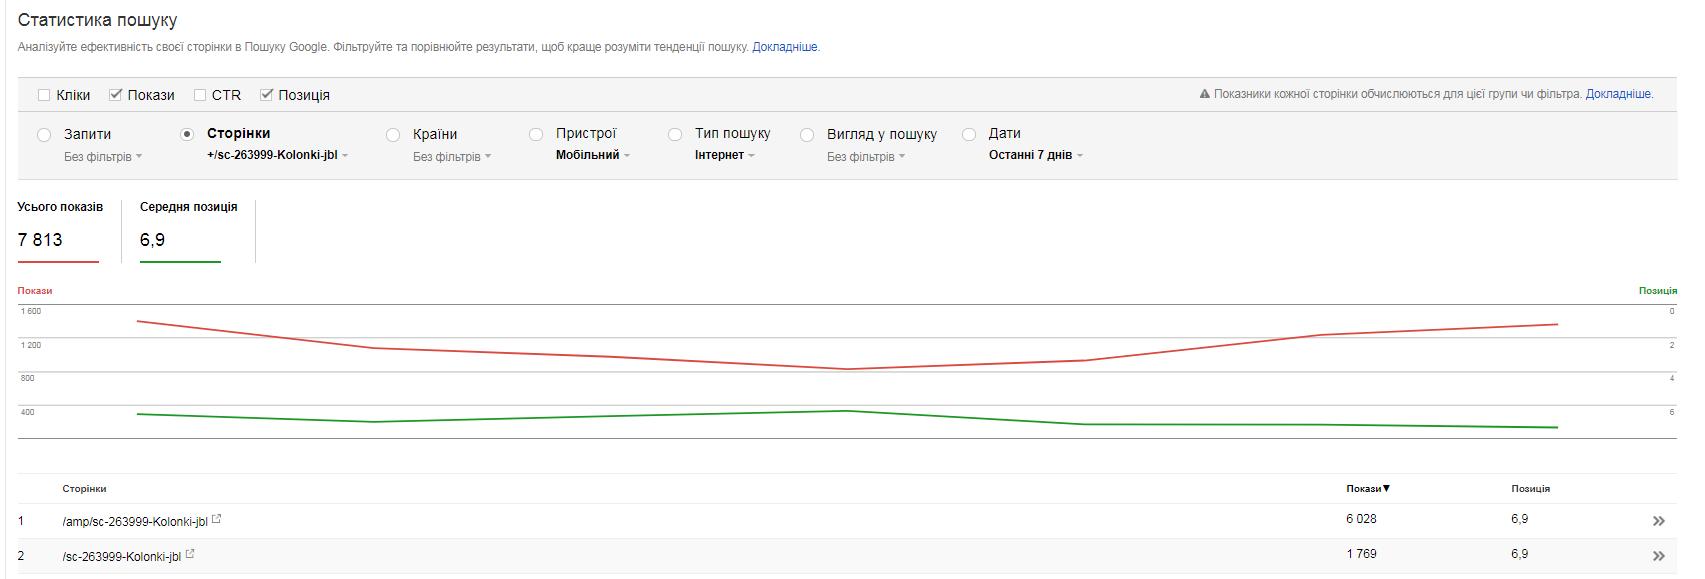 Показов, по данным из Google Search Console, в 3-6 раз больше